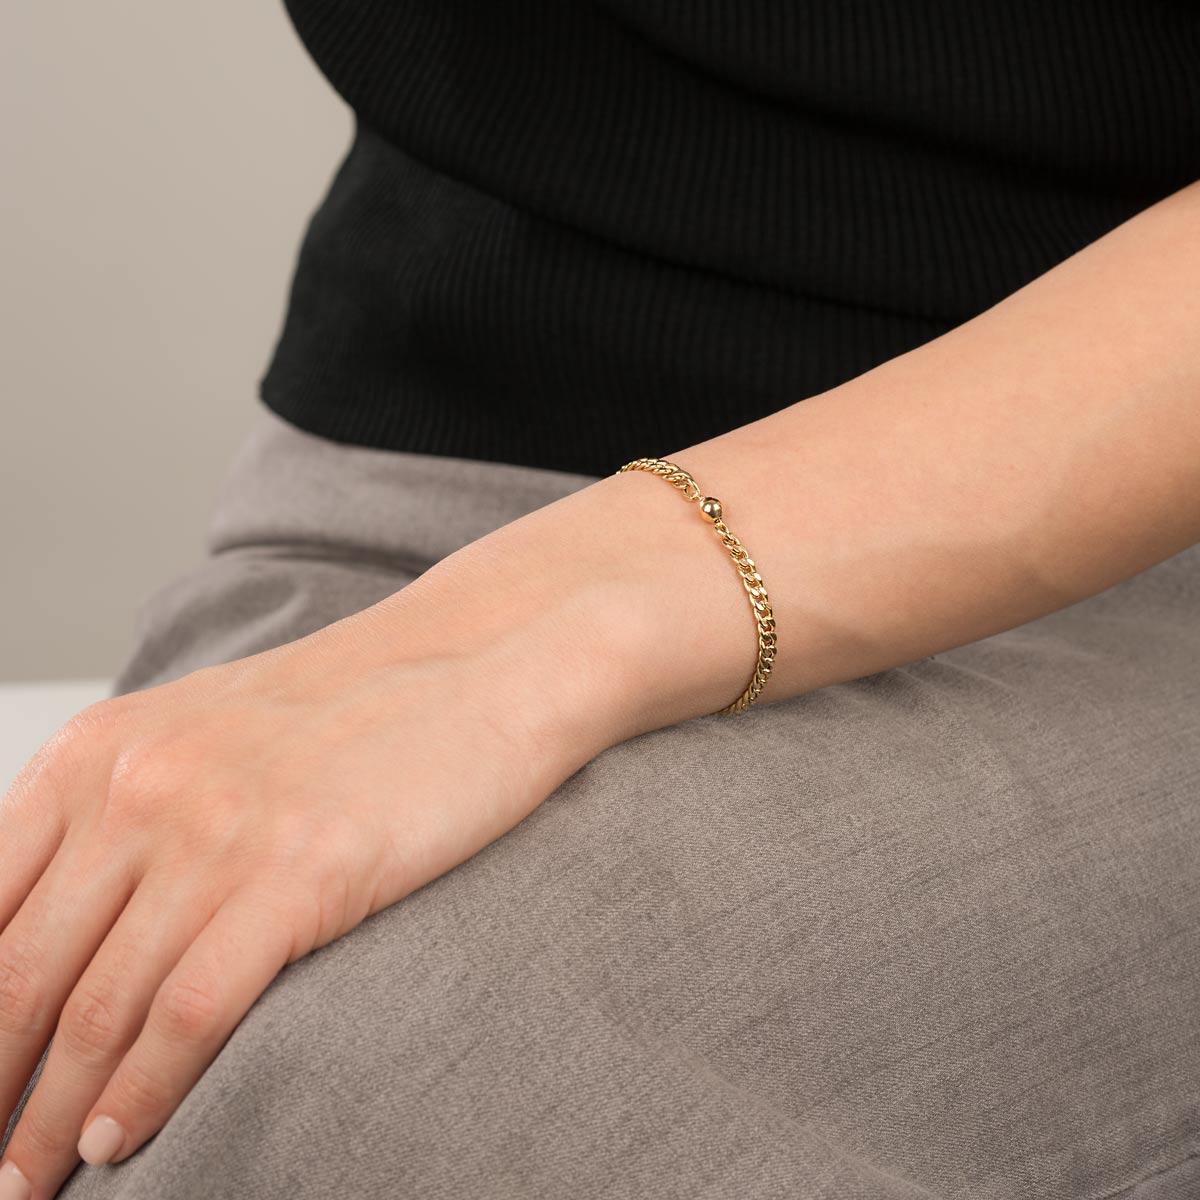 دستبند طلا کارتیه و گوی